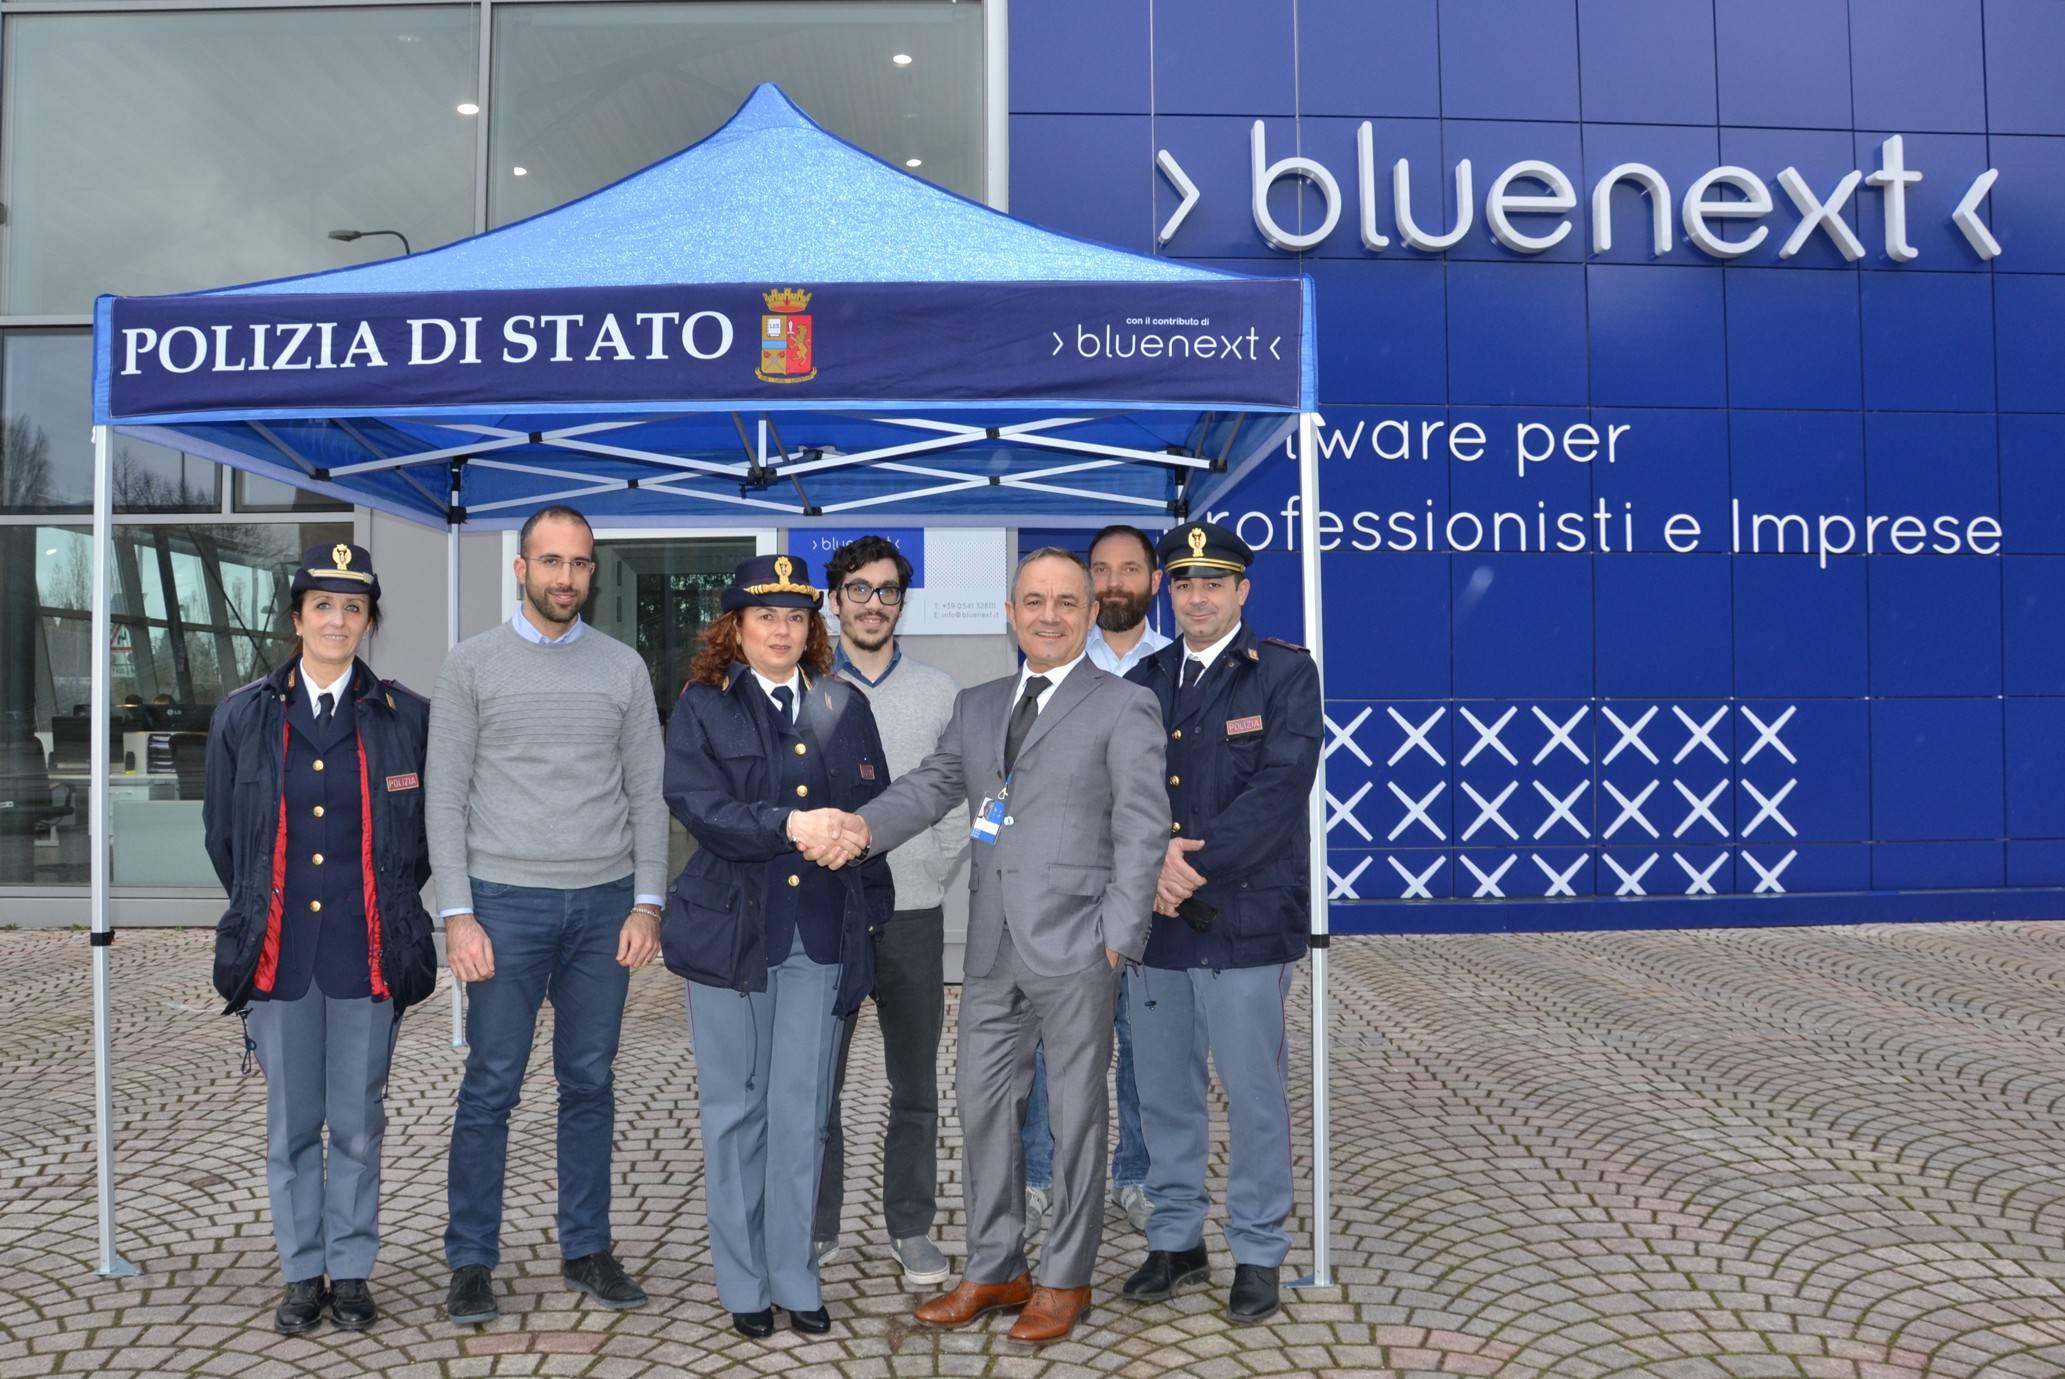 Bluenext dona gazebo alla Polizia. Servirà per progetto